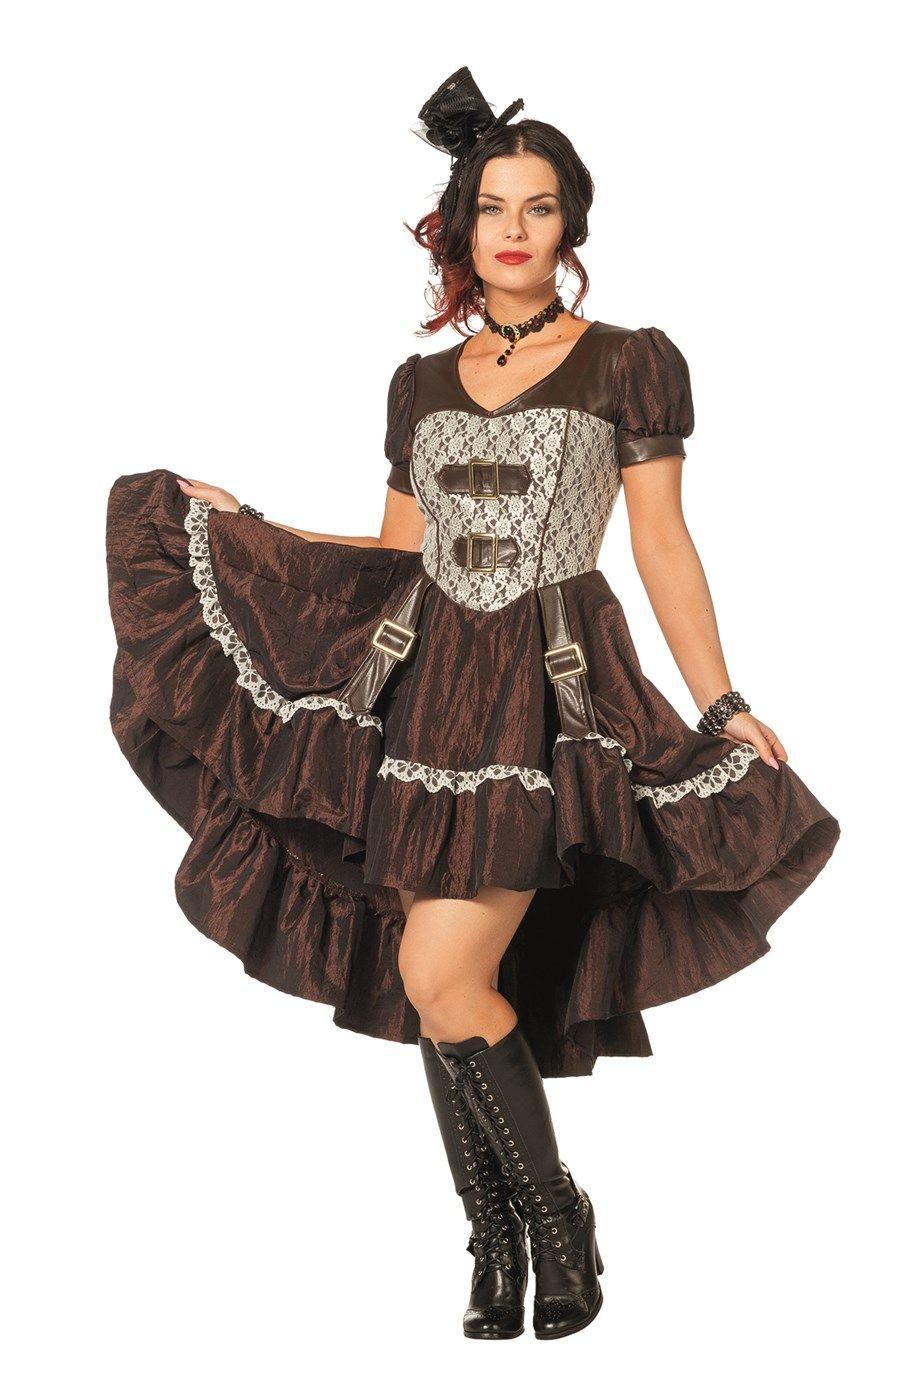 Steampunk jurk voor dames in een zeer fraaie uitvoering